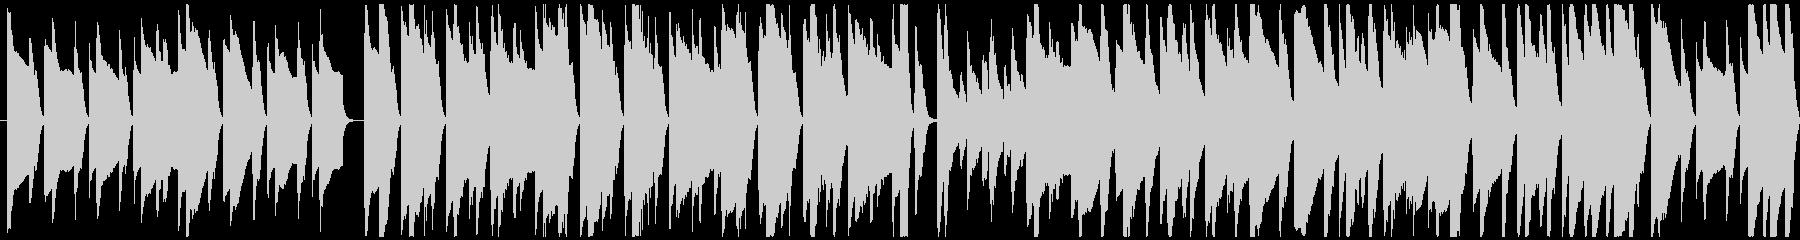 推理場面などをイメージしたピアノメイン曲の未再生の波形